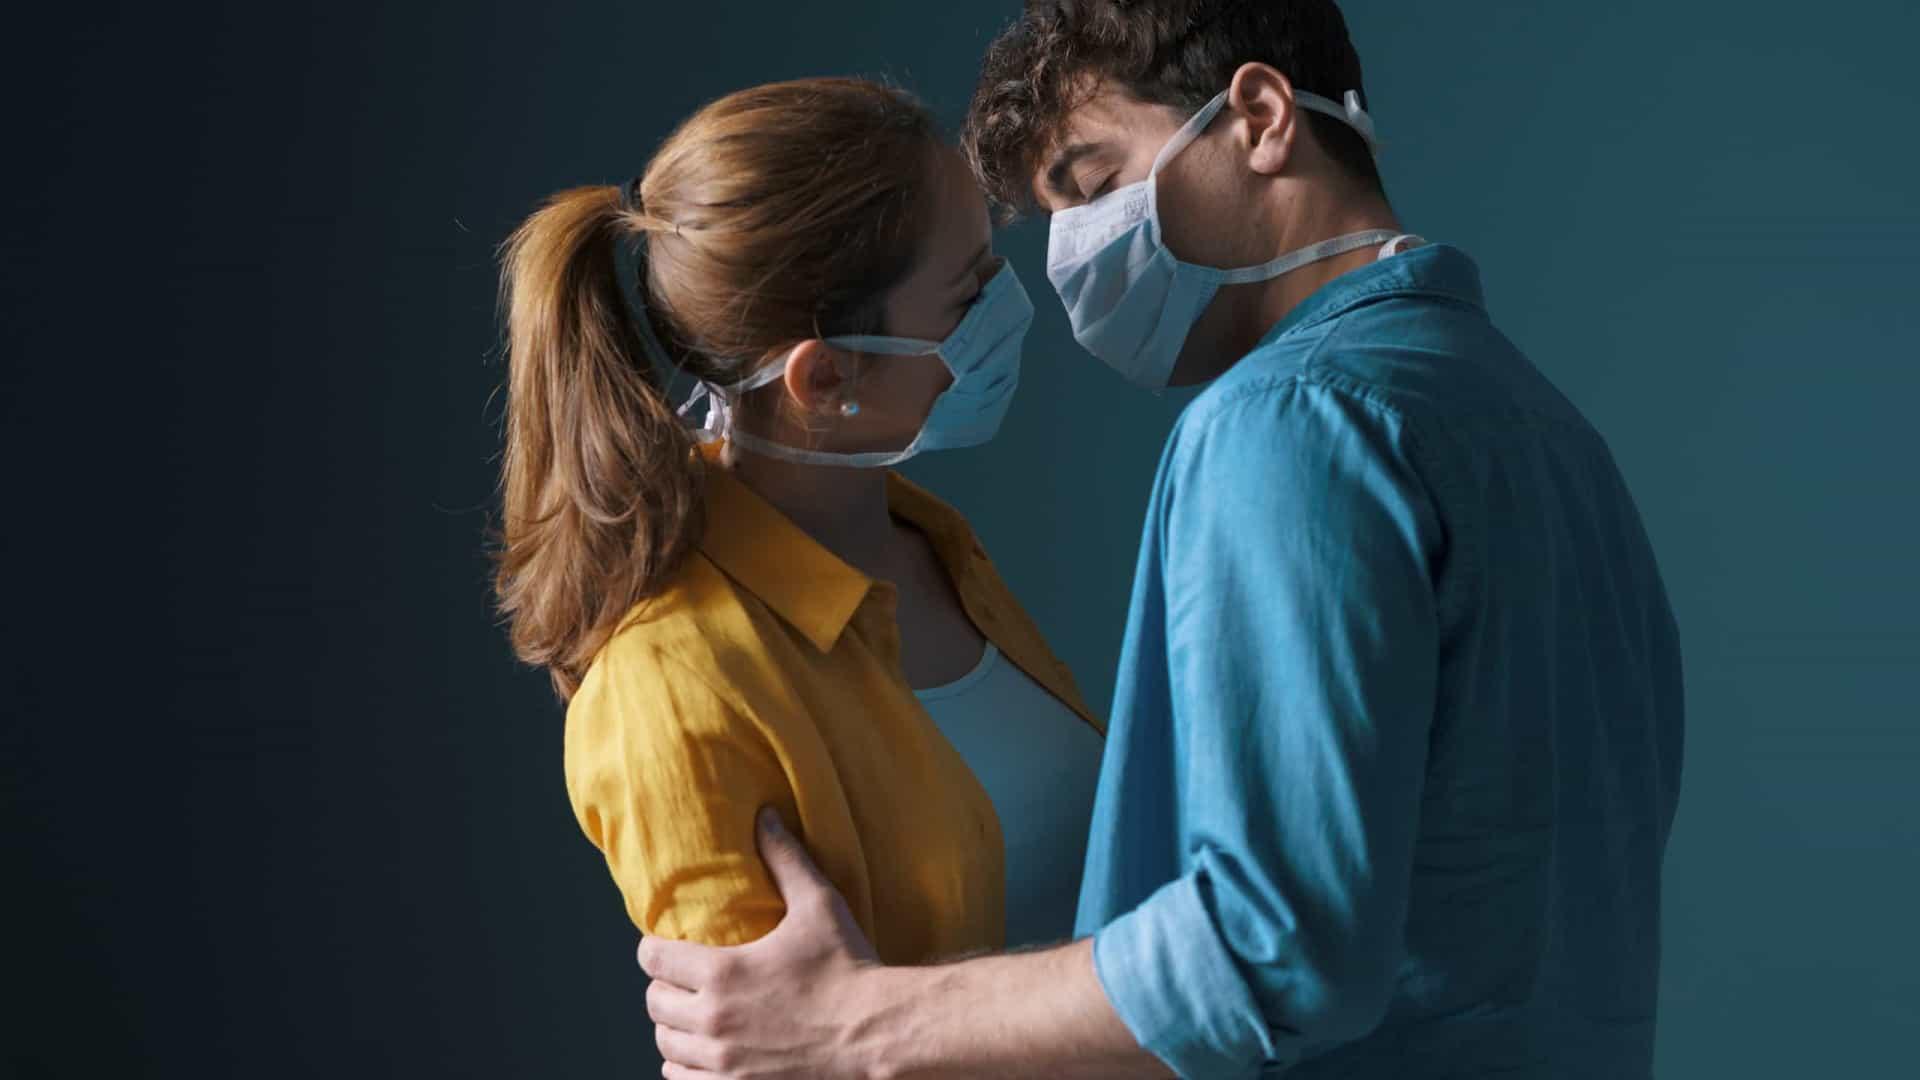 naom 5ed776fe76473 - Proteção extra: Casais devem usar máscaras durante o sexo, afirma estudo